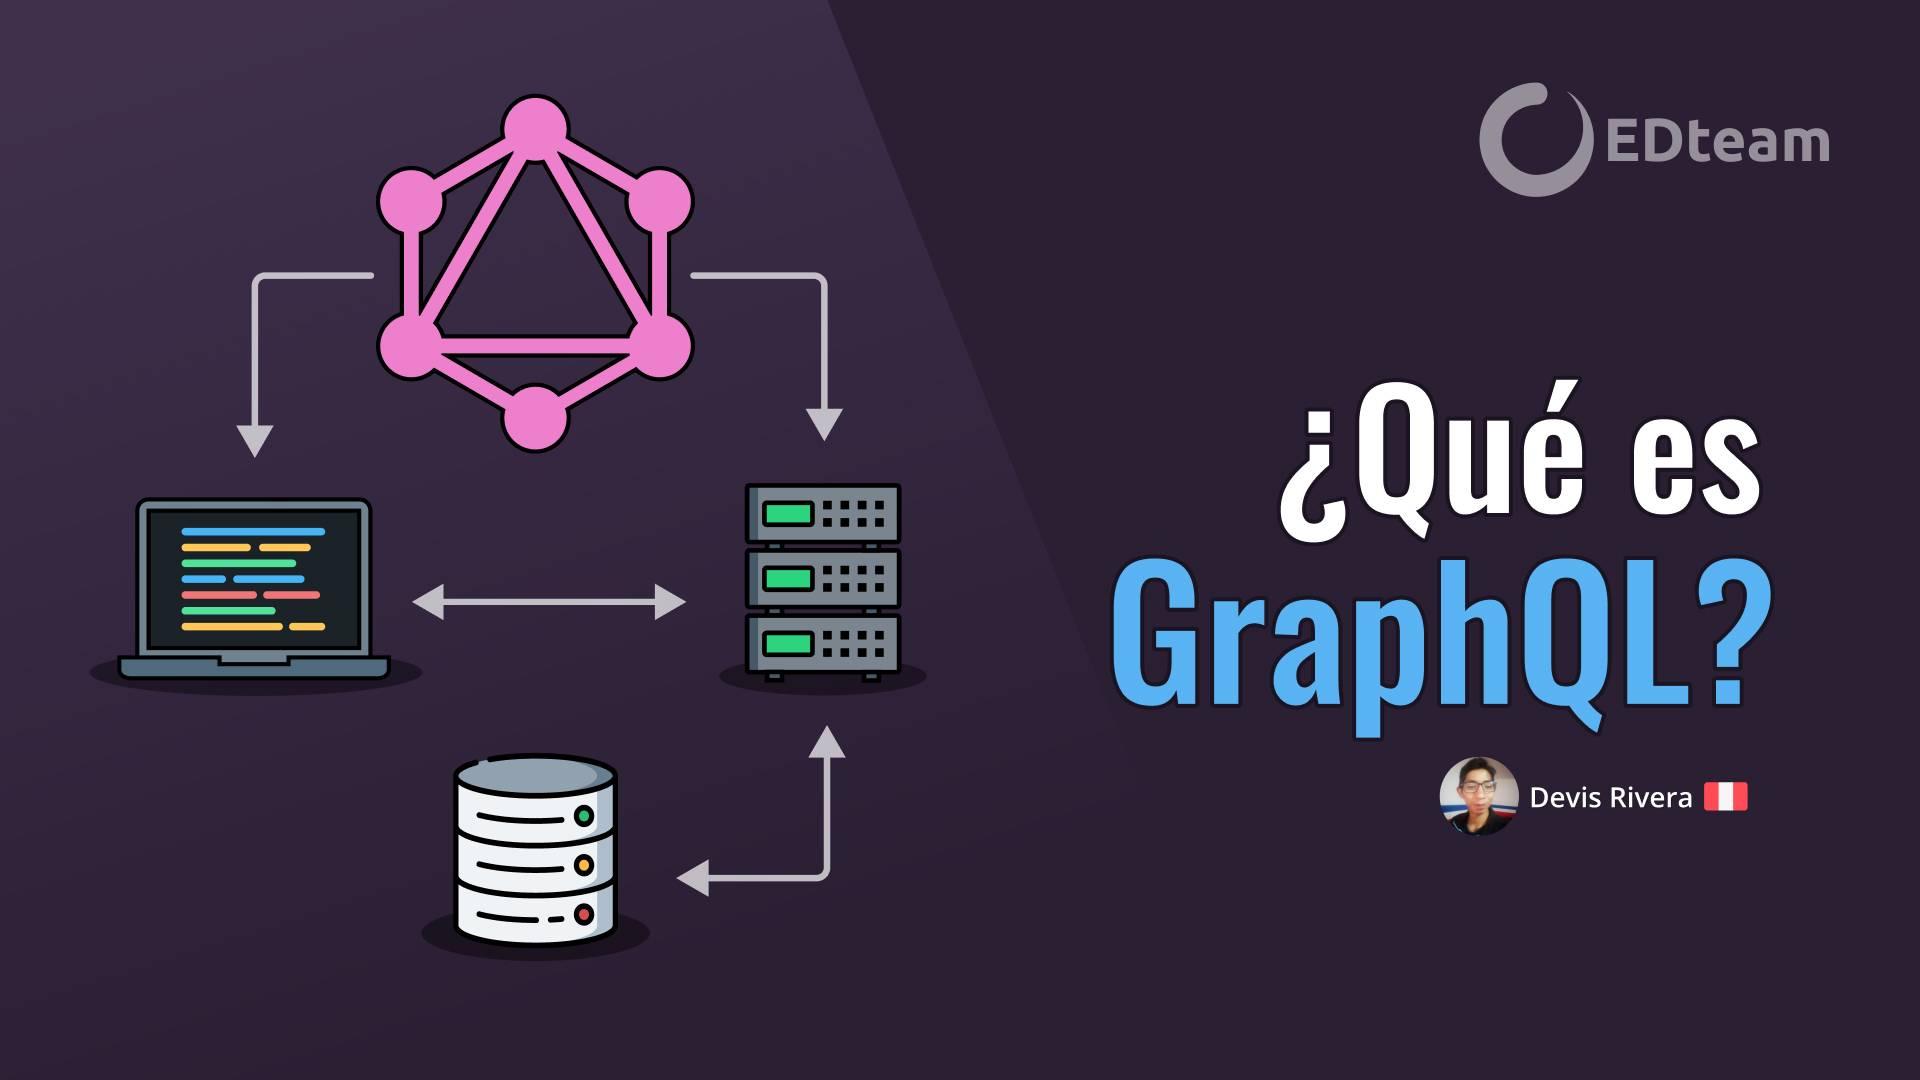 ¿Qué es GraphQL?